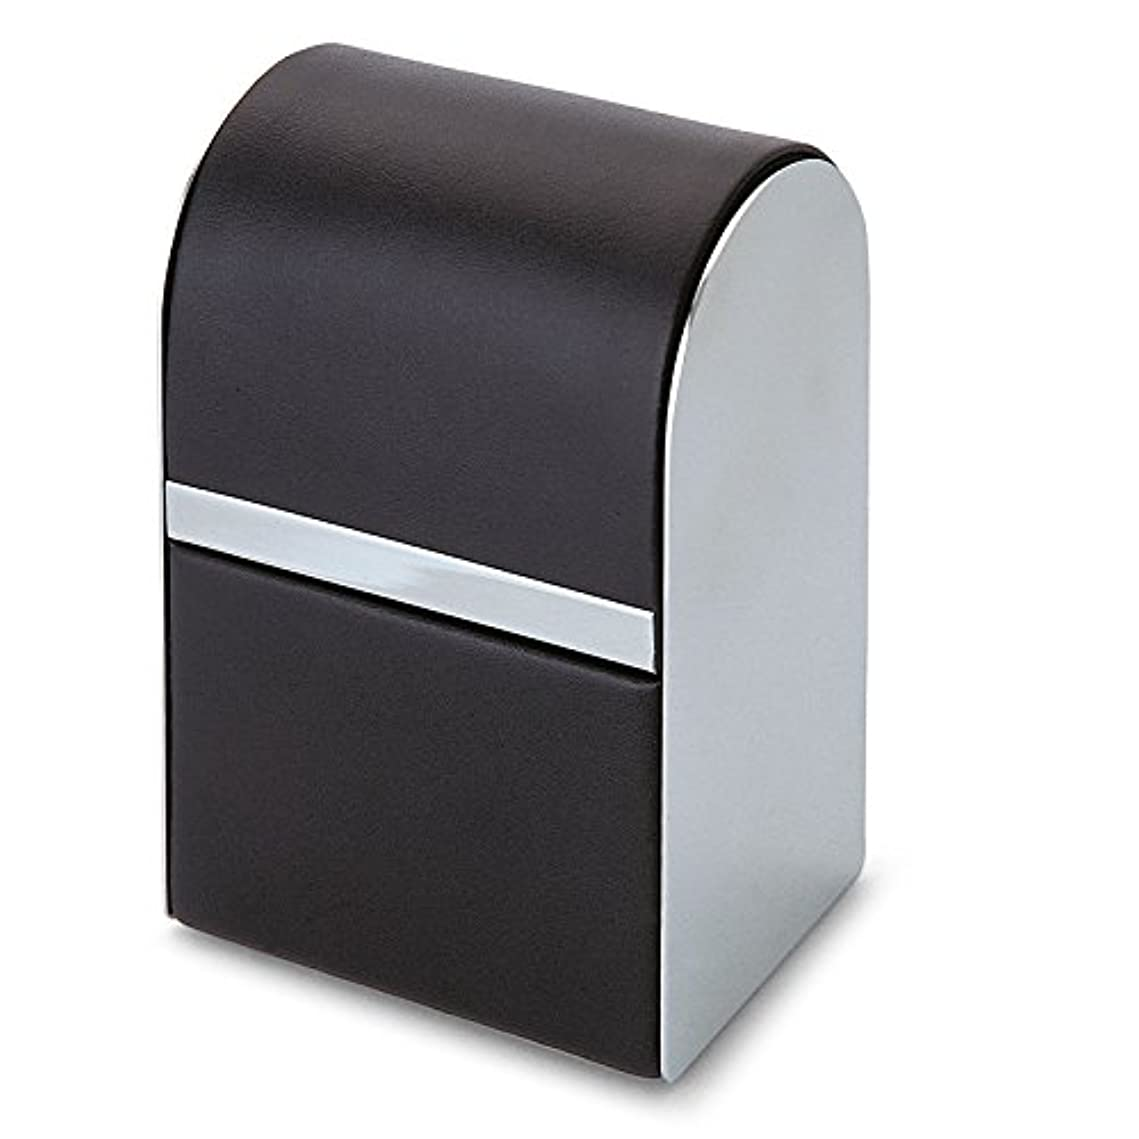 もうるさい官僚Philippi Giorgio メンズ身だしなみキット 7pcsセット leather stainless polished